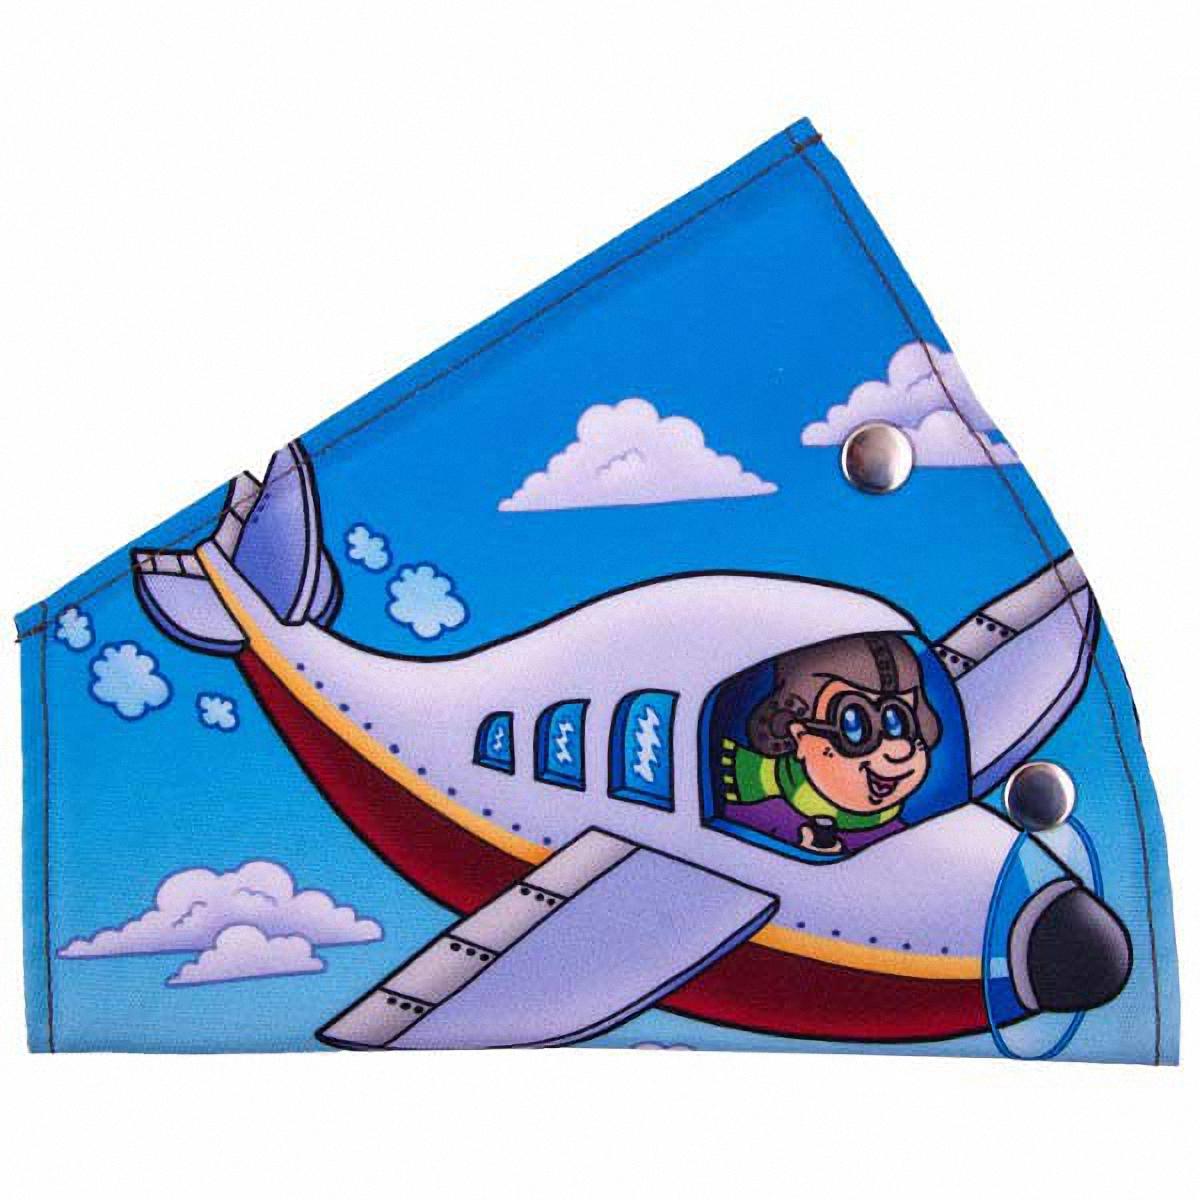 Адаптер ремня безопасности Skyway СамолетикS04007012Детский адаптер ремня безопасности, изготовленный из полиэстера и декорированный красочным рисунком, удерживает ремень безопасности в положении, удобном для человека небольшого роста. Удерживающее устройство можно установить на любой трёхточечный ремень безопасности. Подходит для ремней безопасности как слева, так и справа. При перевозке ребёнка до 12 лет адаптер ремня безопасности разрешено устанавливать только на ремни заднего сиденья. Адаптер прост в установке, легко фиксируется при помощи быстрозастегивающегося крепления. Изделие уменьшает давление ремней на тело ребёнка, удаляет ремень от лица ребенка, обеспечивая ему комфорт во время поездок. Тип крепления: кнопки.